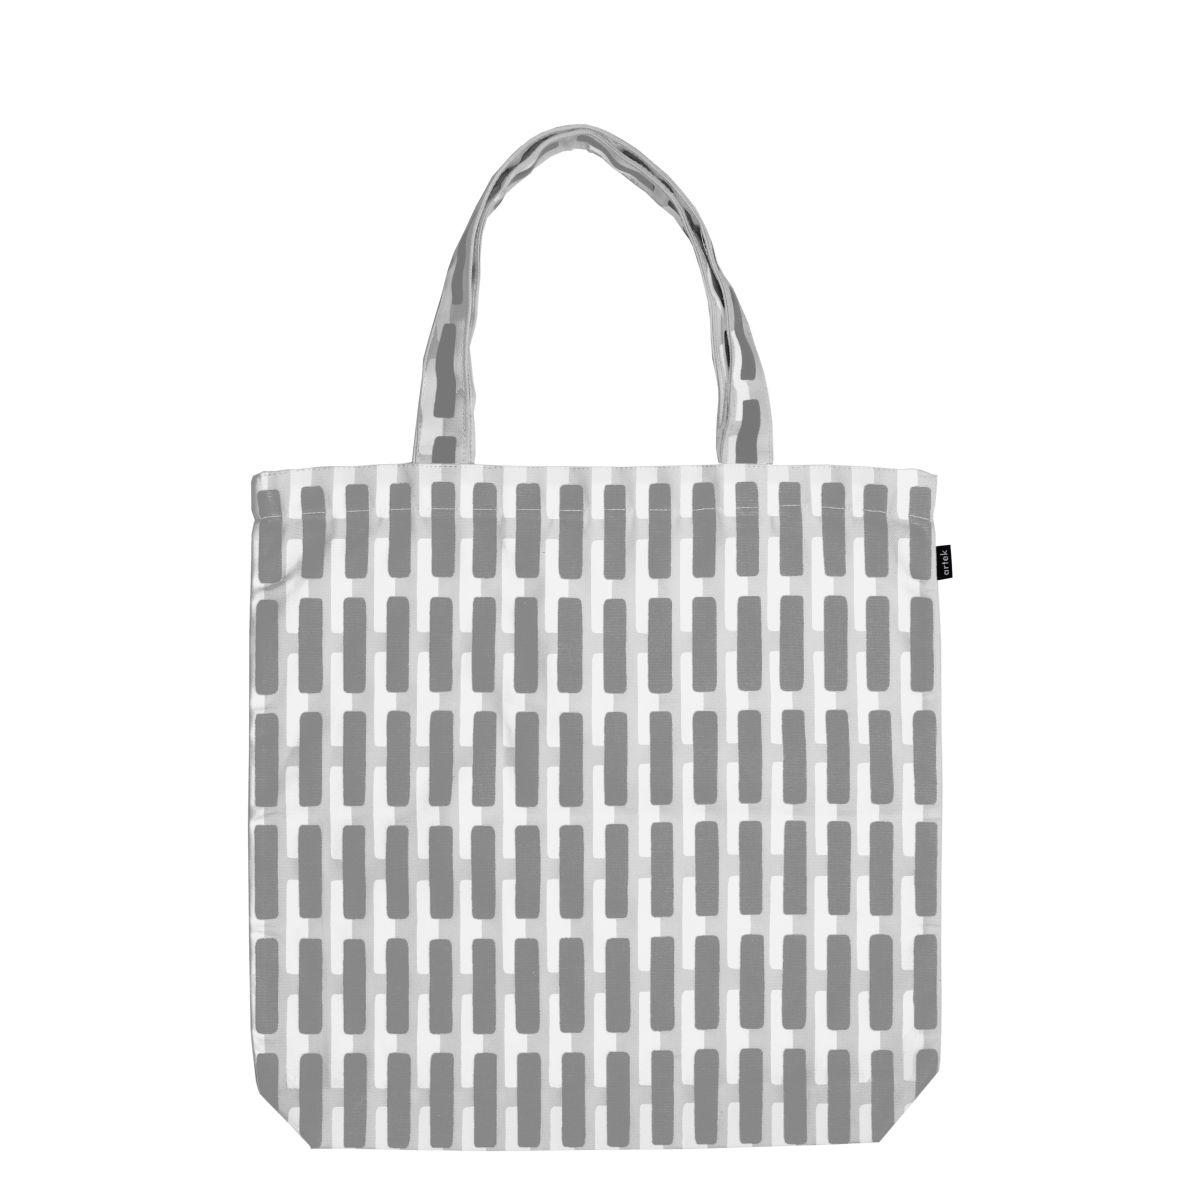 Siena-Canvas-Bag-grey-light-grey-shadow-3976614